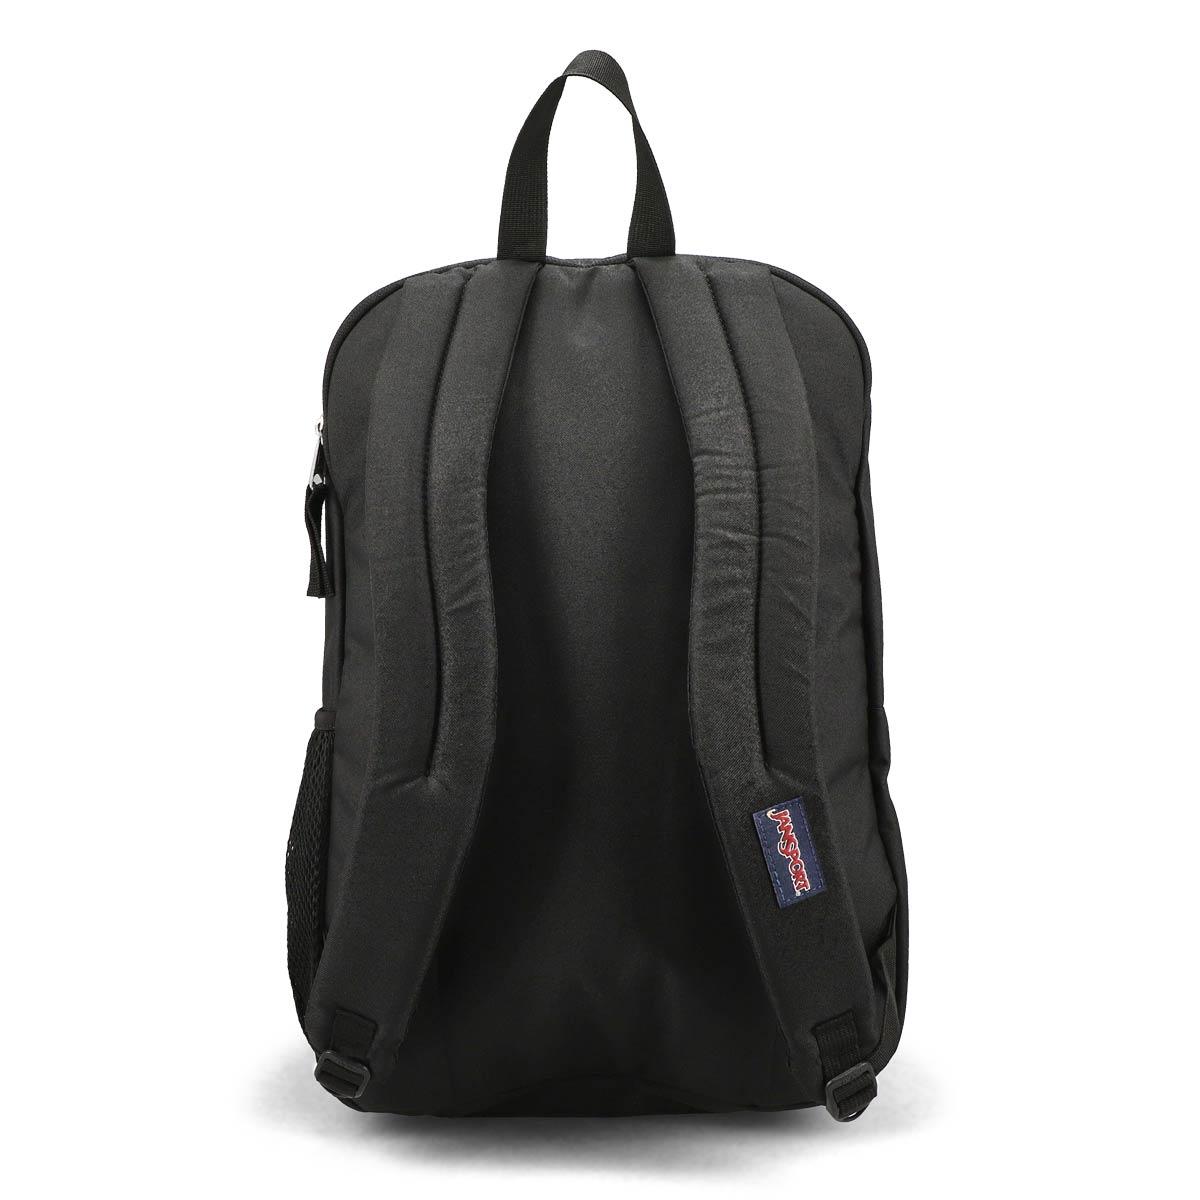 Jansport Big Student black backpack